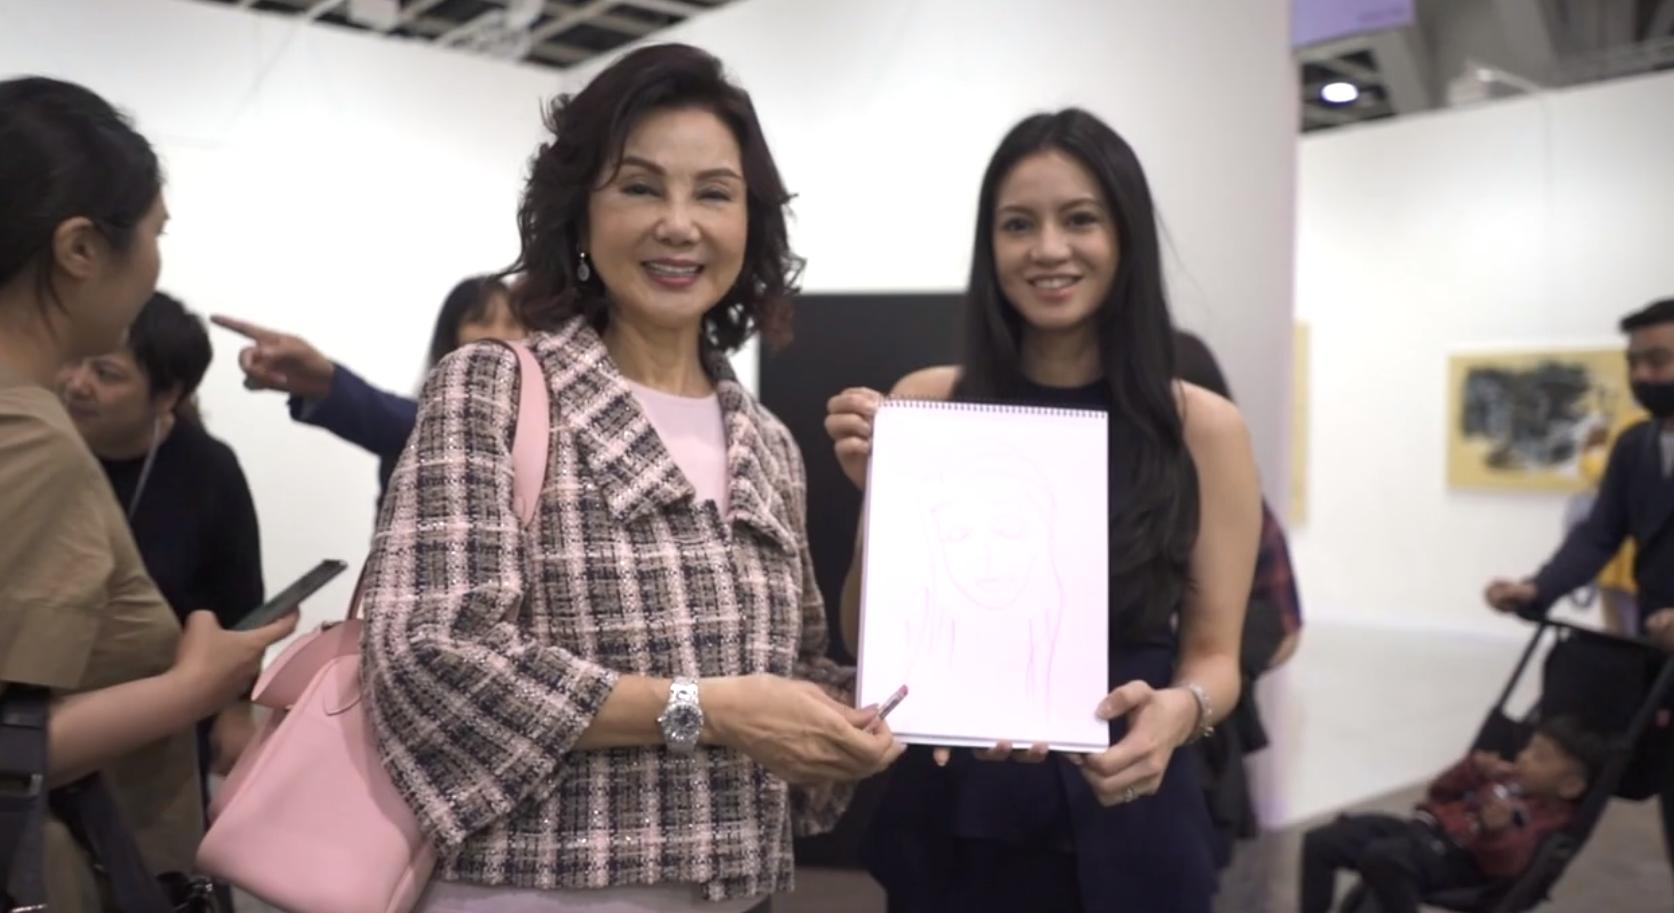 Video: 1-Minute Artists At Art Basel Hong Kong 2019